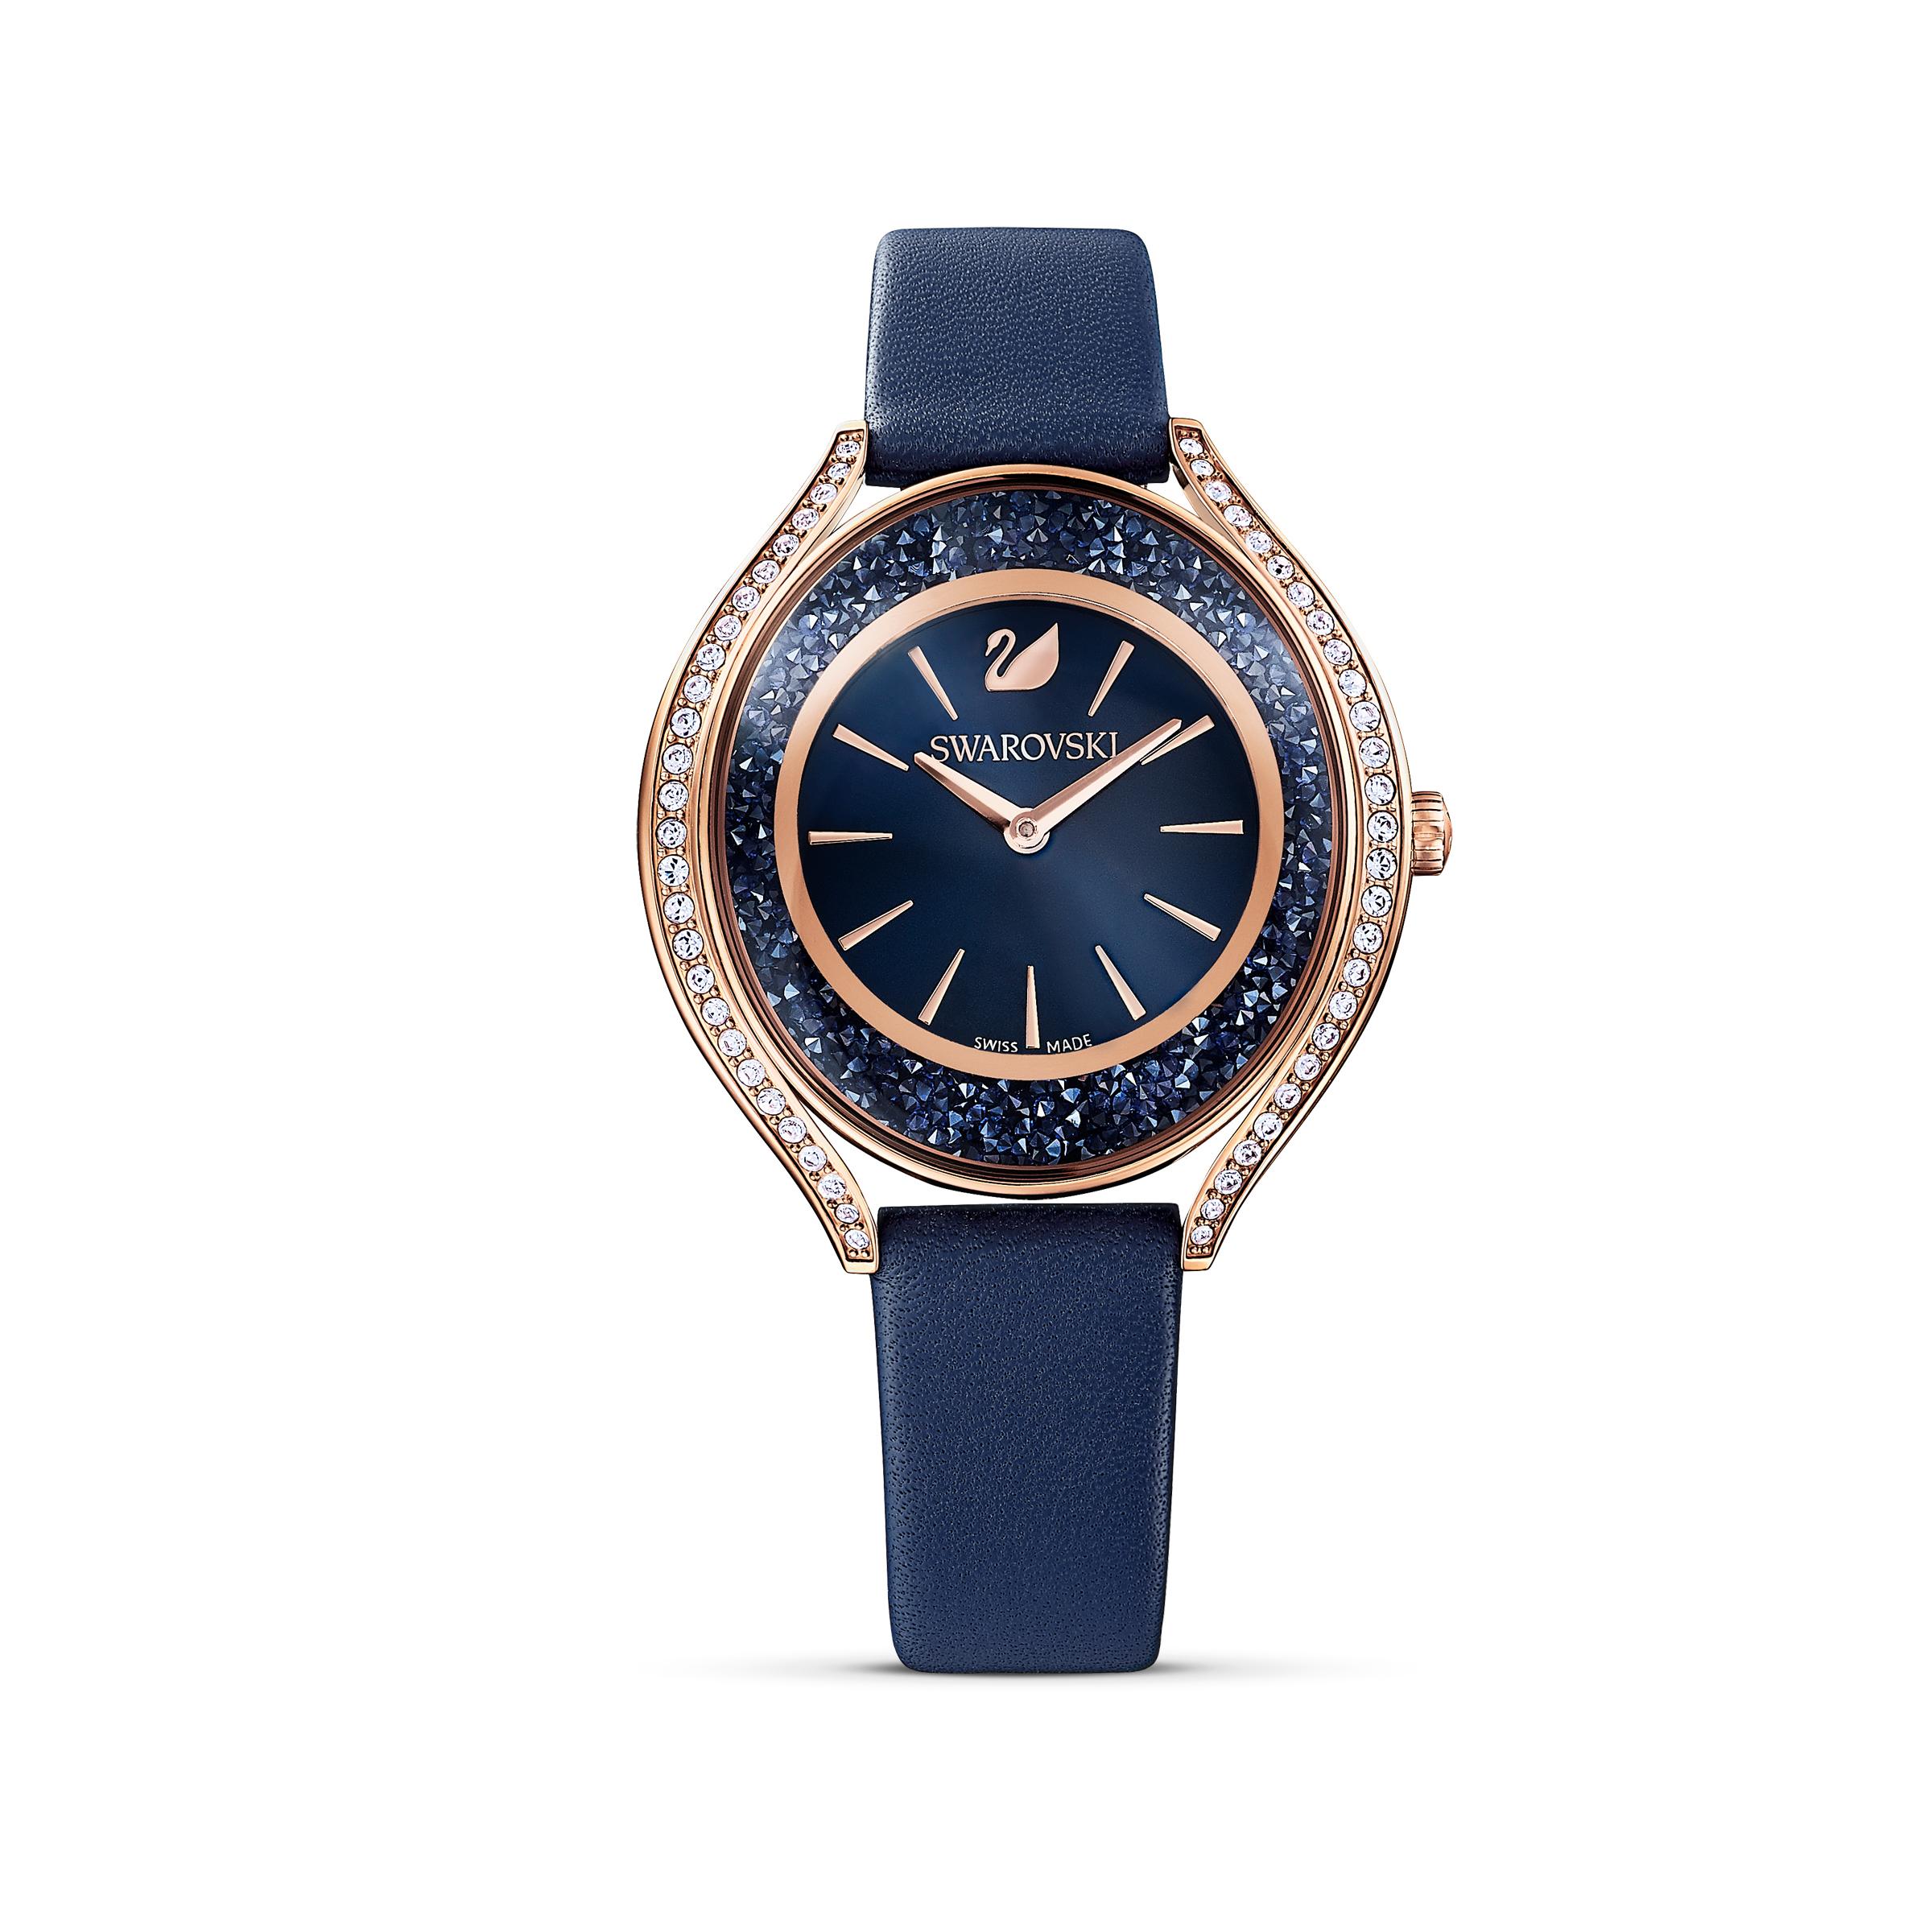 Montre Crystalline Aura, bracelet en cuir, bleu, PVD doré rose, Swarovski